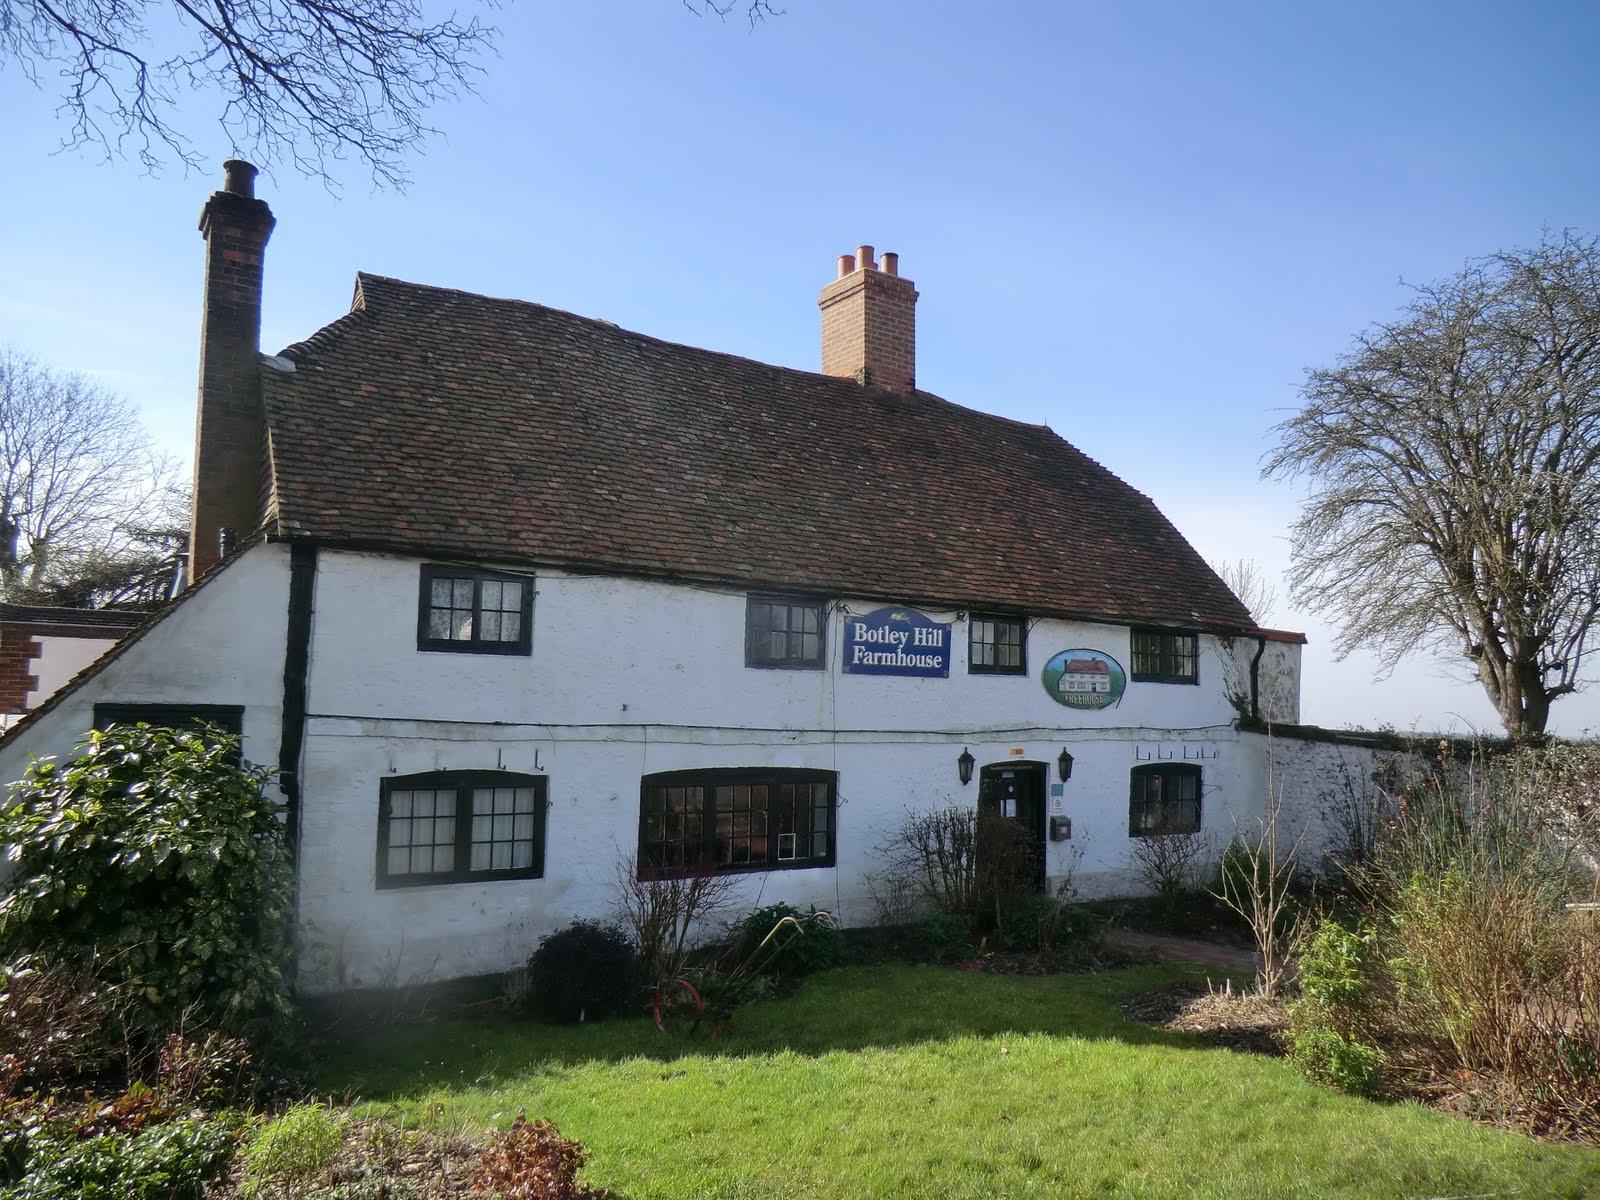 CIMG7052 The Botley Hill Farmhouse